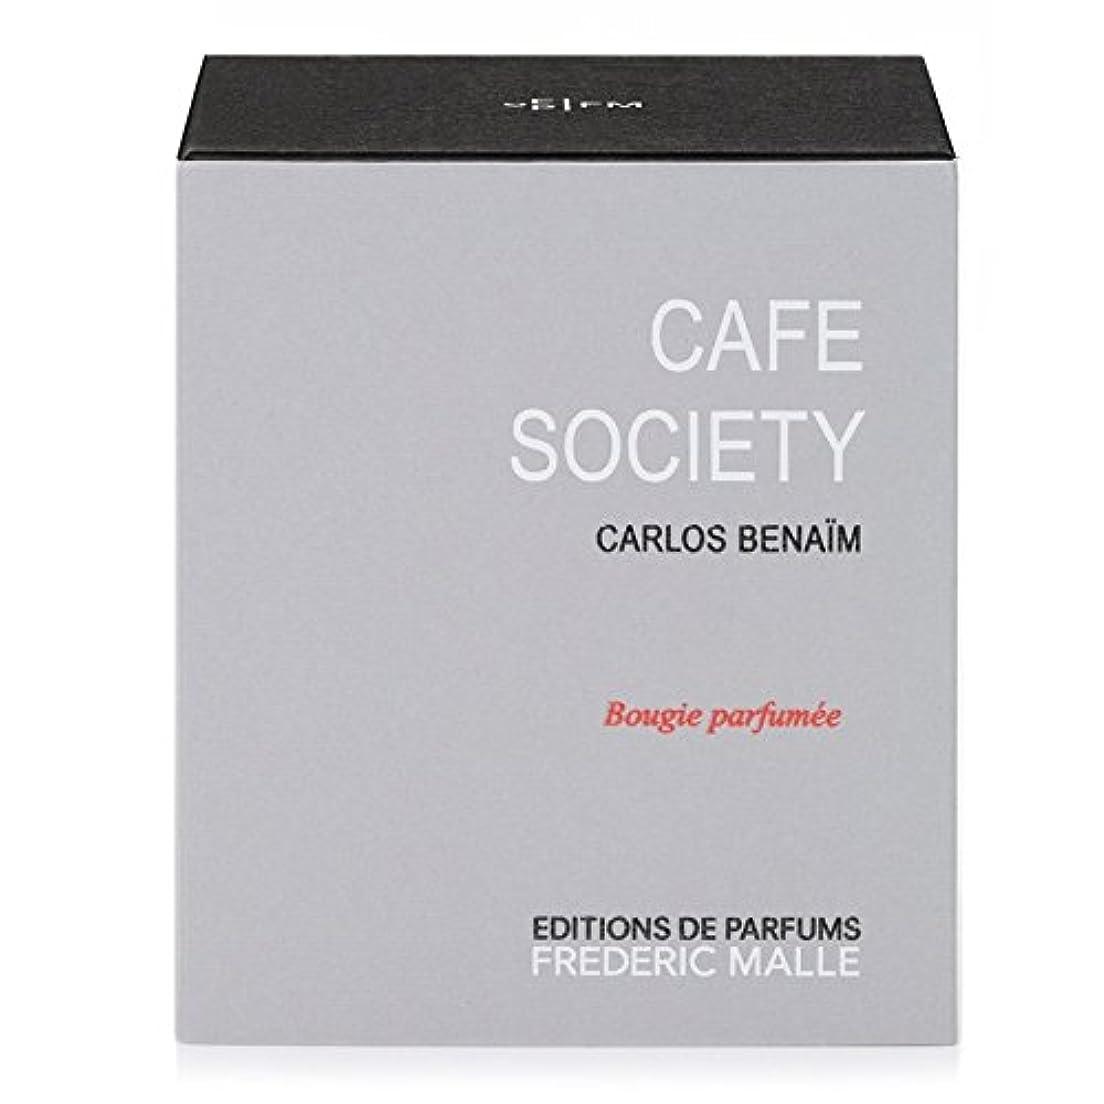 必需品八百屋さん女性Frederic Malle Cafe Society Scented Candle 220g (Pack of 4) - フレデリック?マルカフェ社会の香りのキャンドル220グラム x4 [並行輸入品]